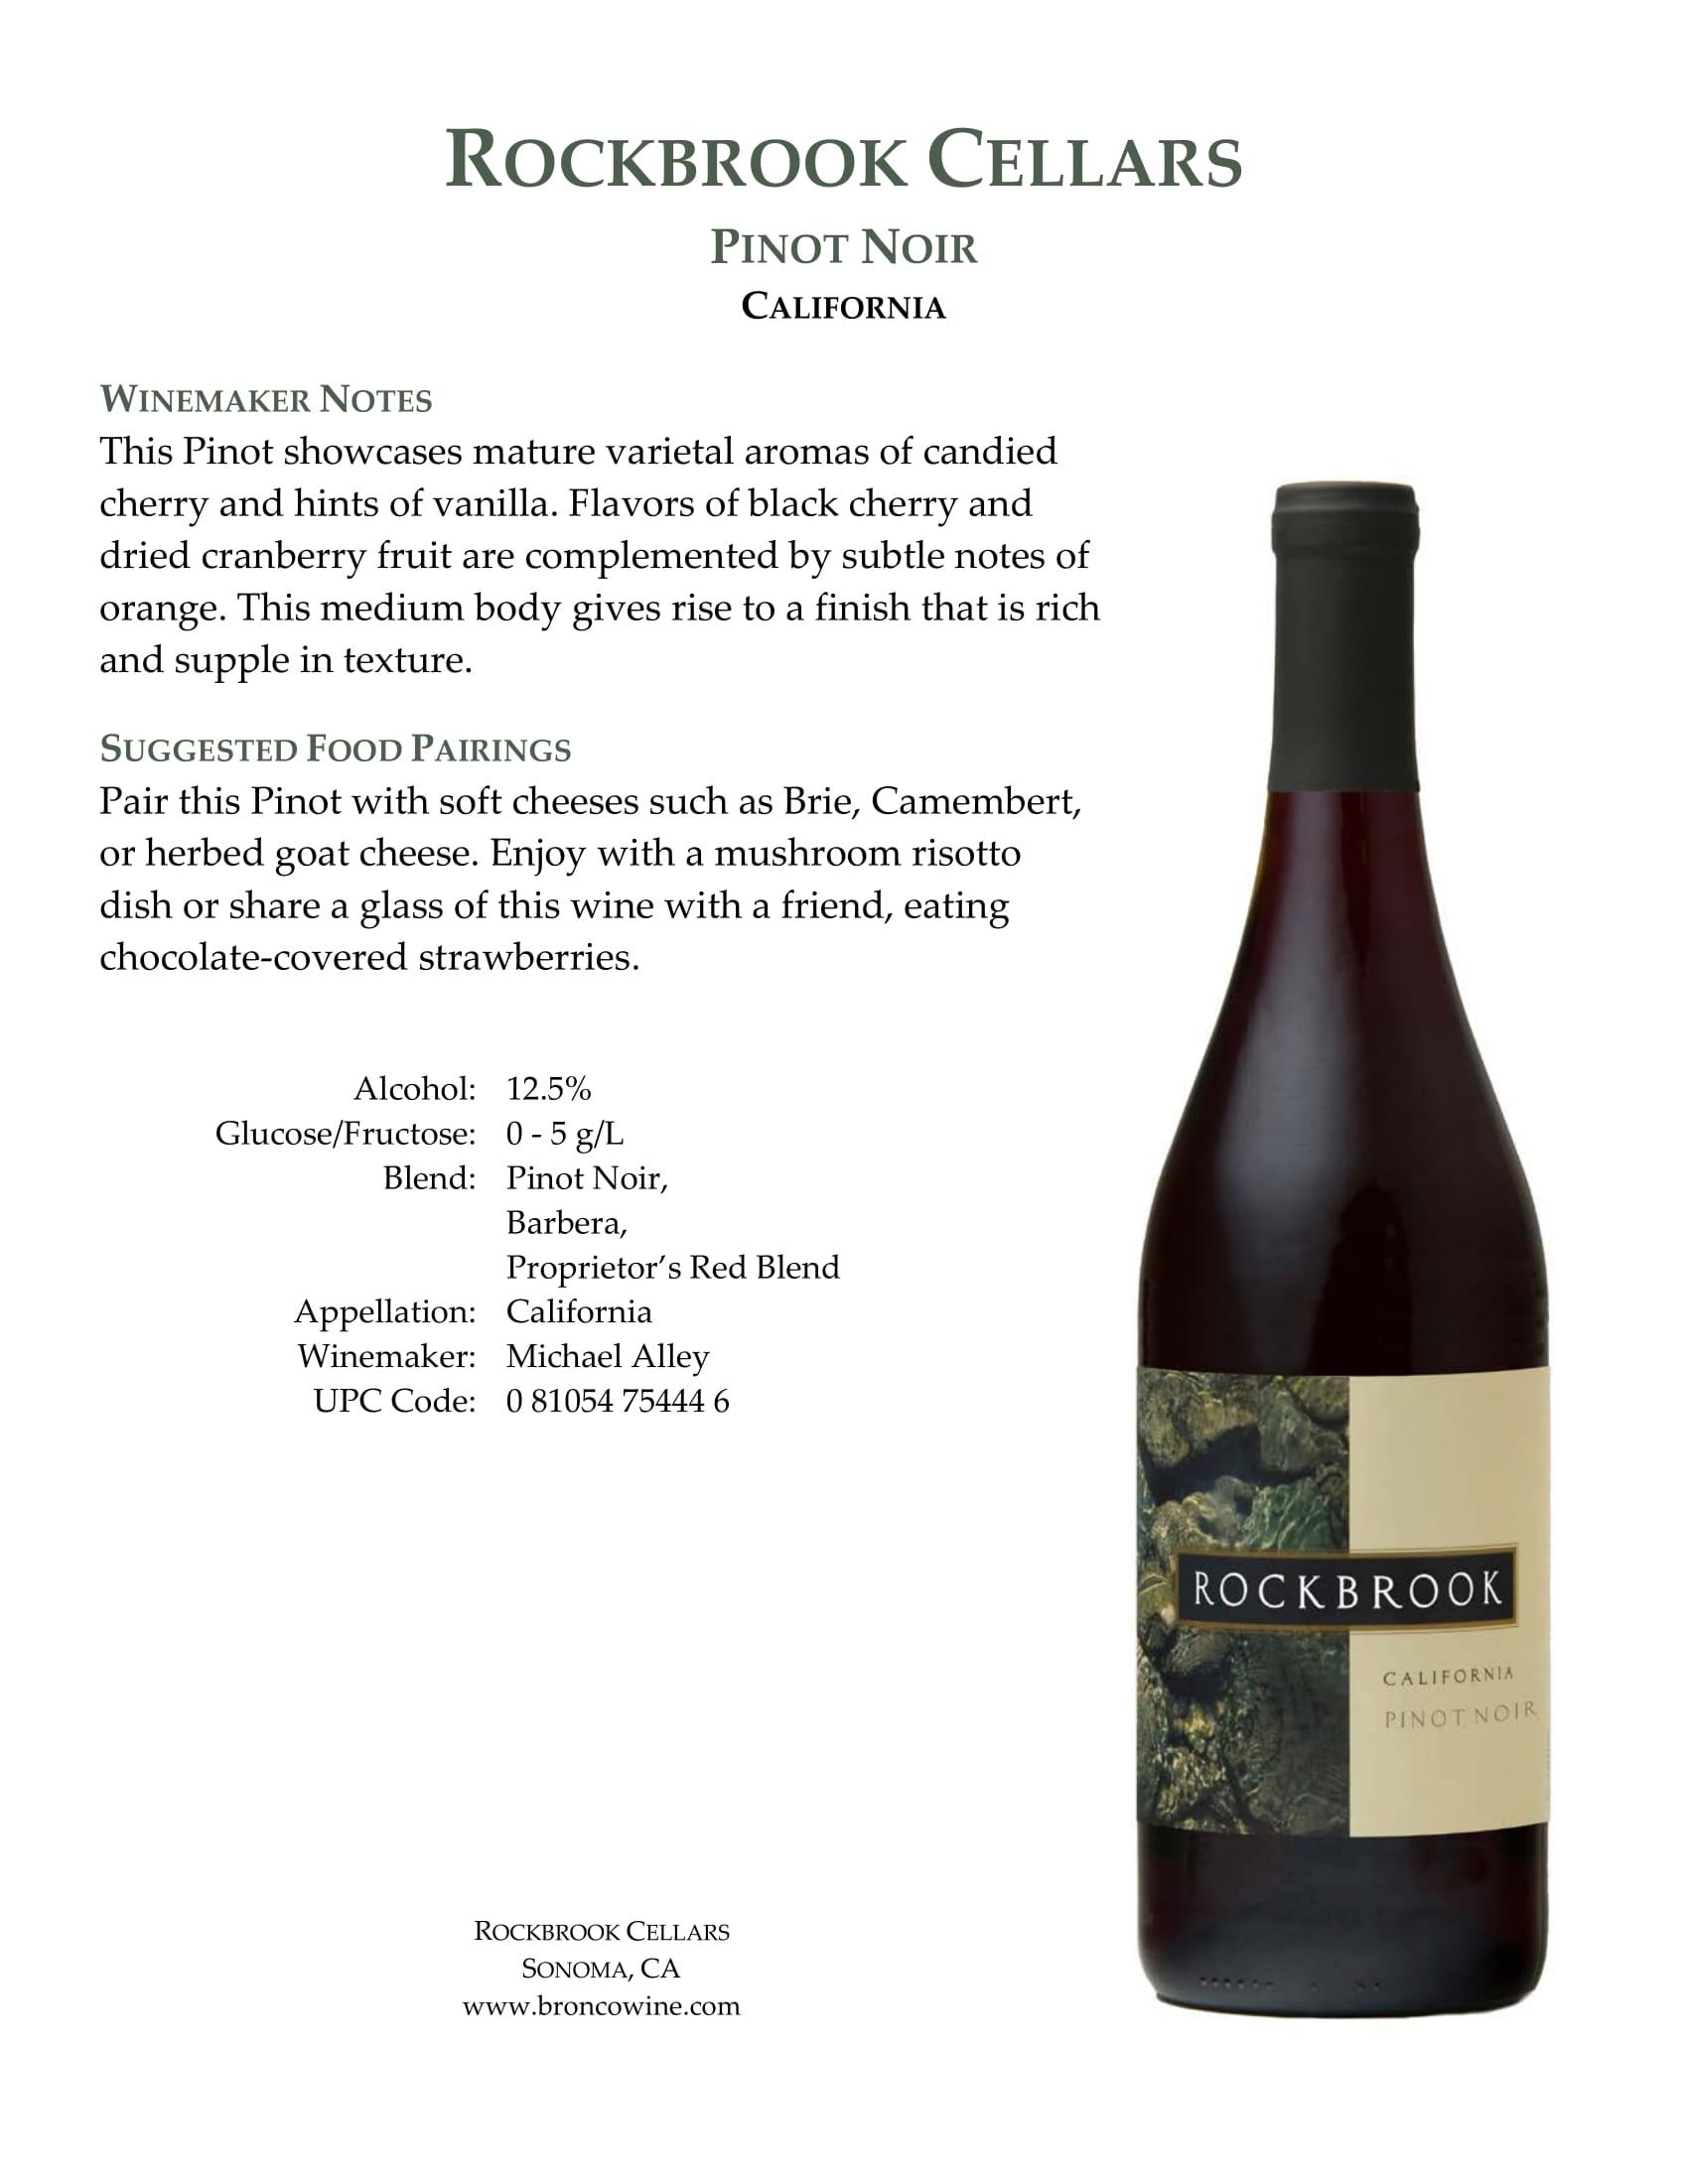 Rockbrook Cellars Pinot Noir Tech Sheet